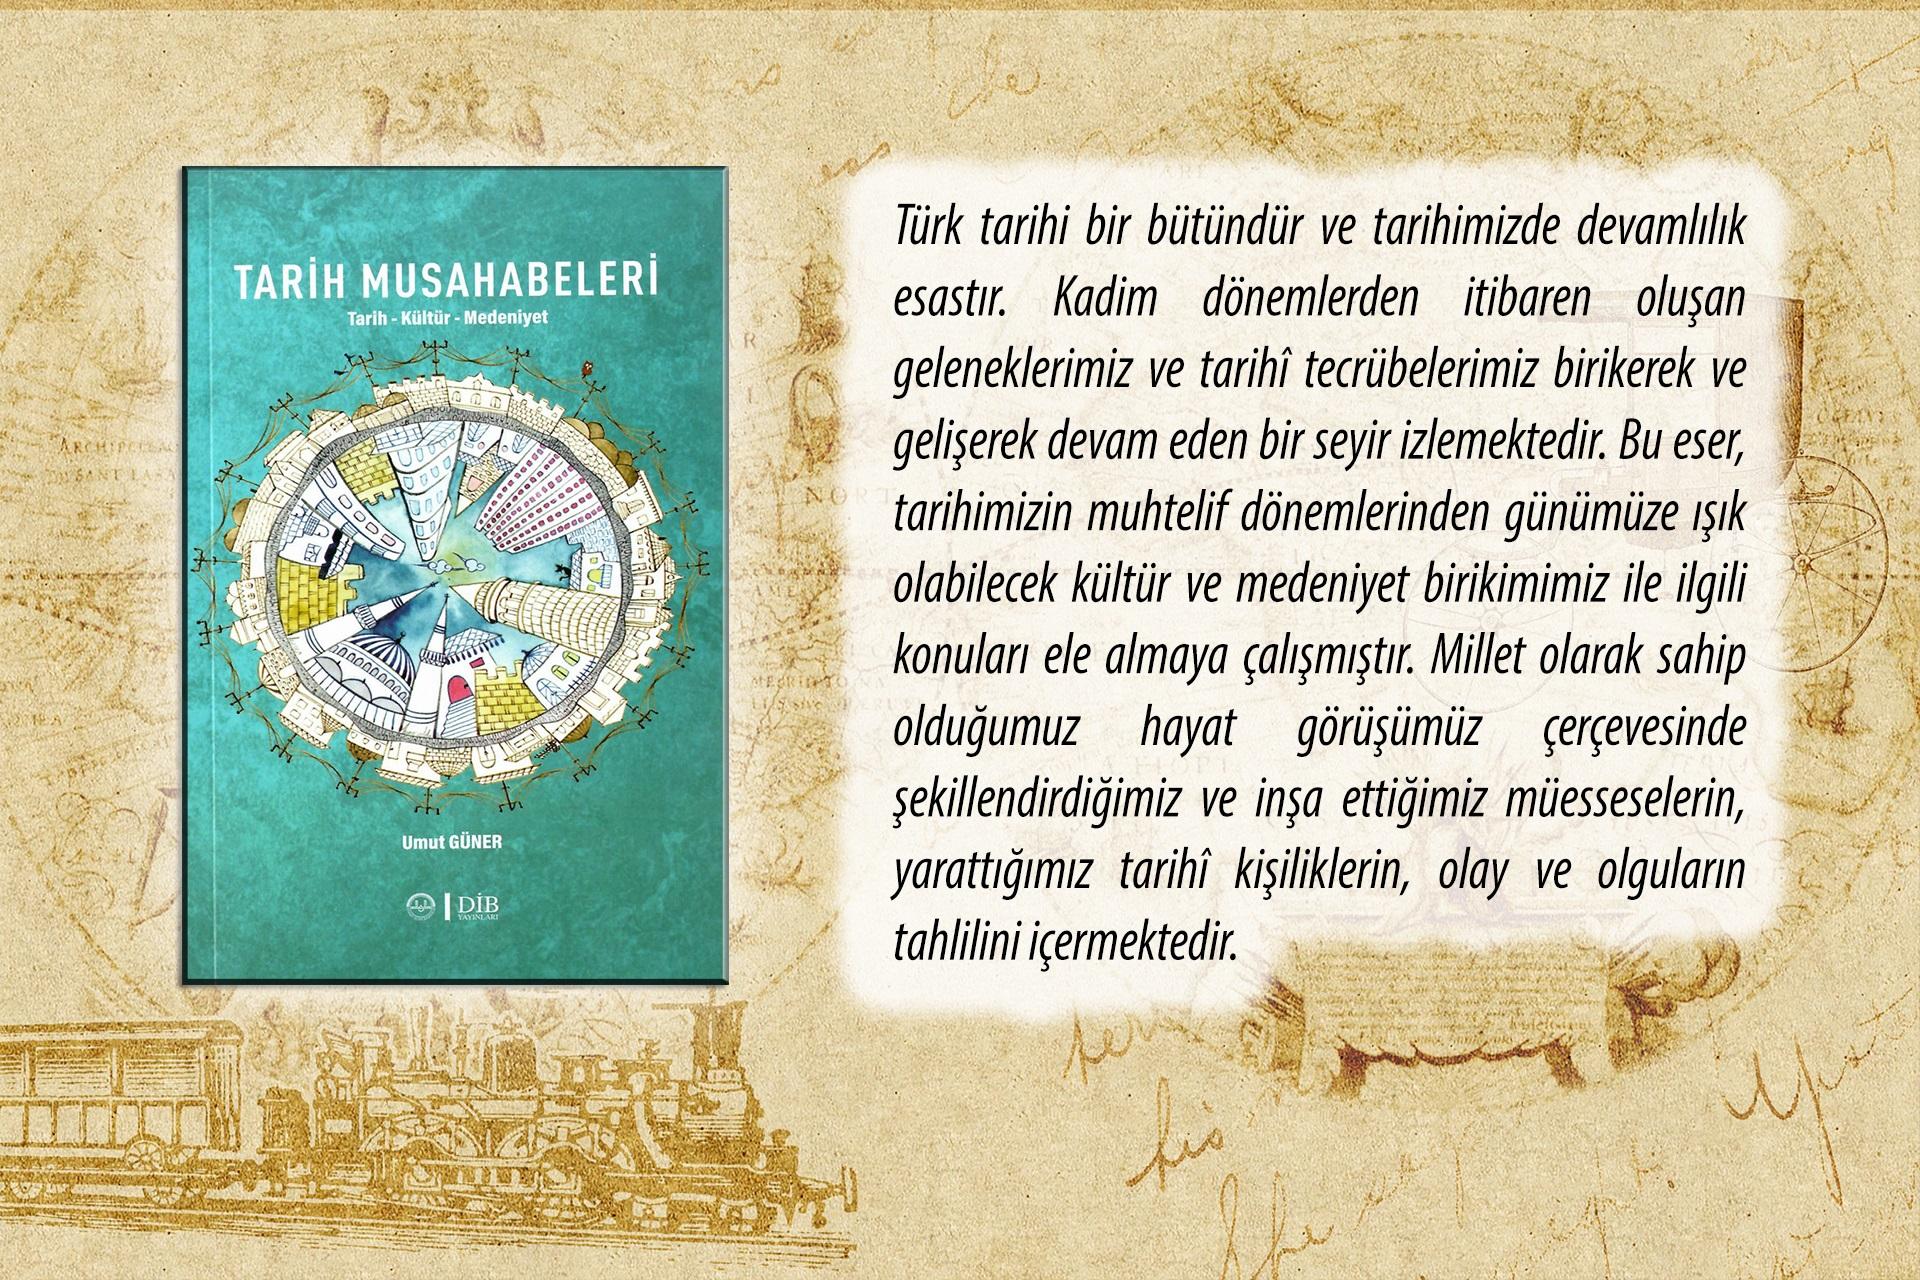 Umut Güner - Tarih Musahabeleri Kitabı